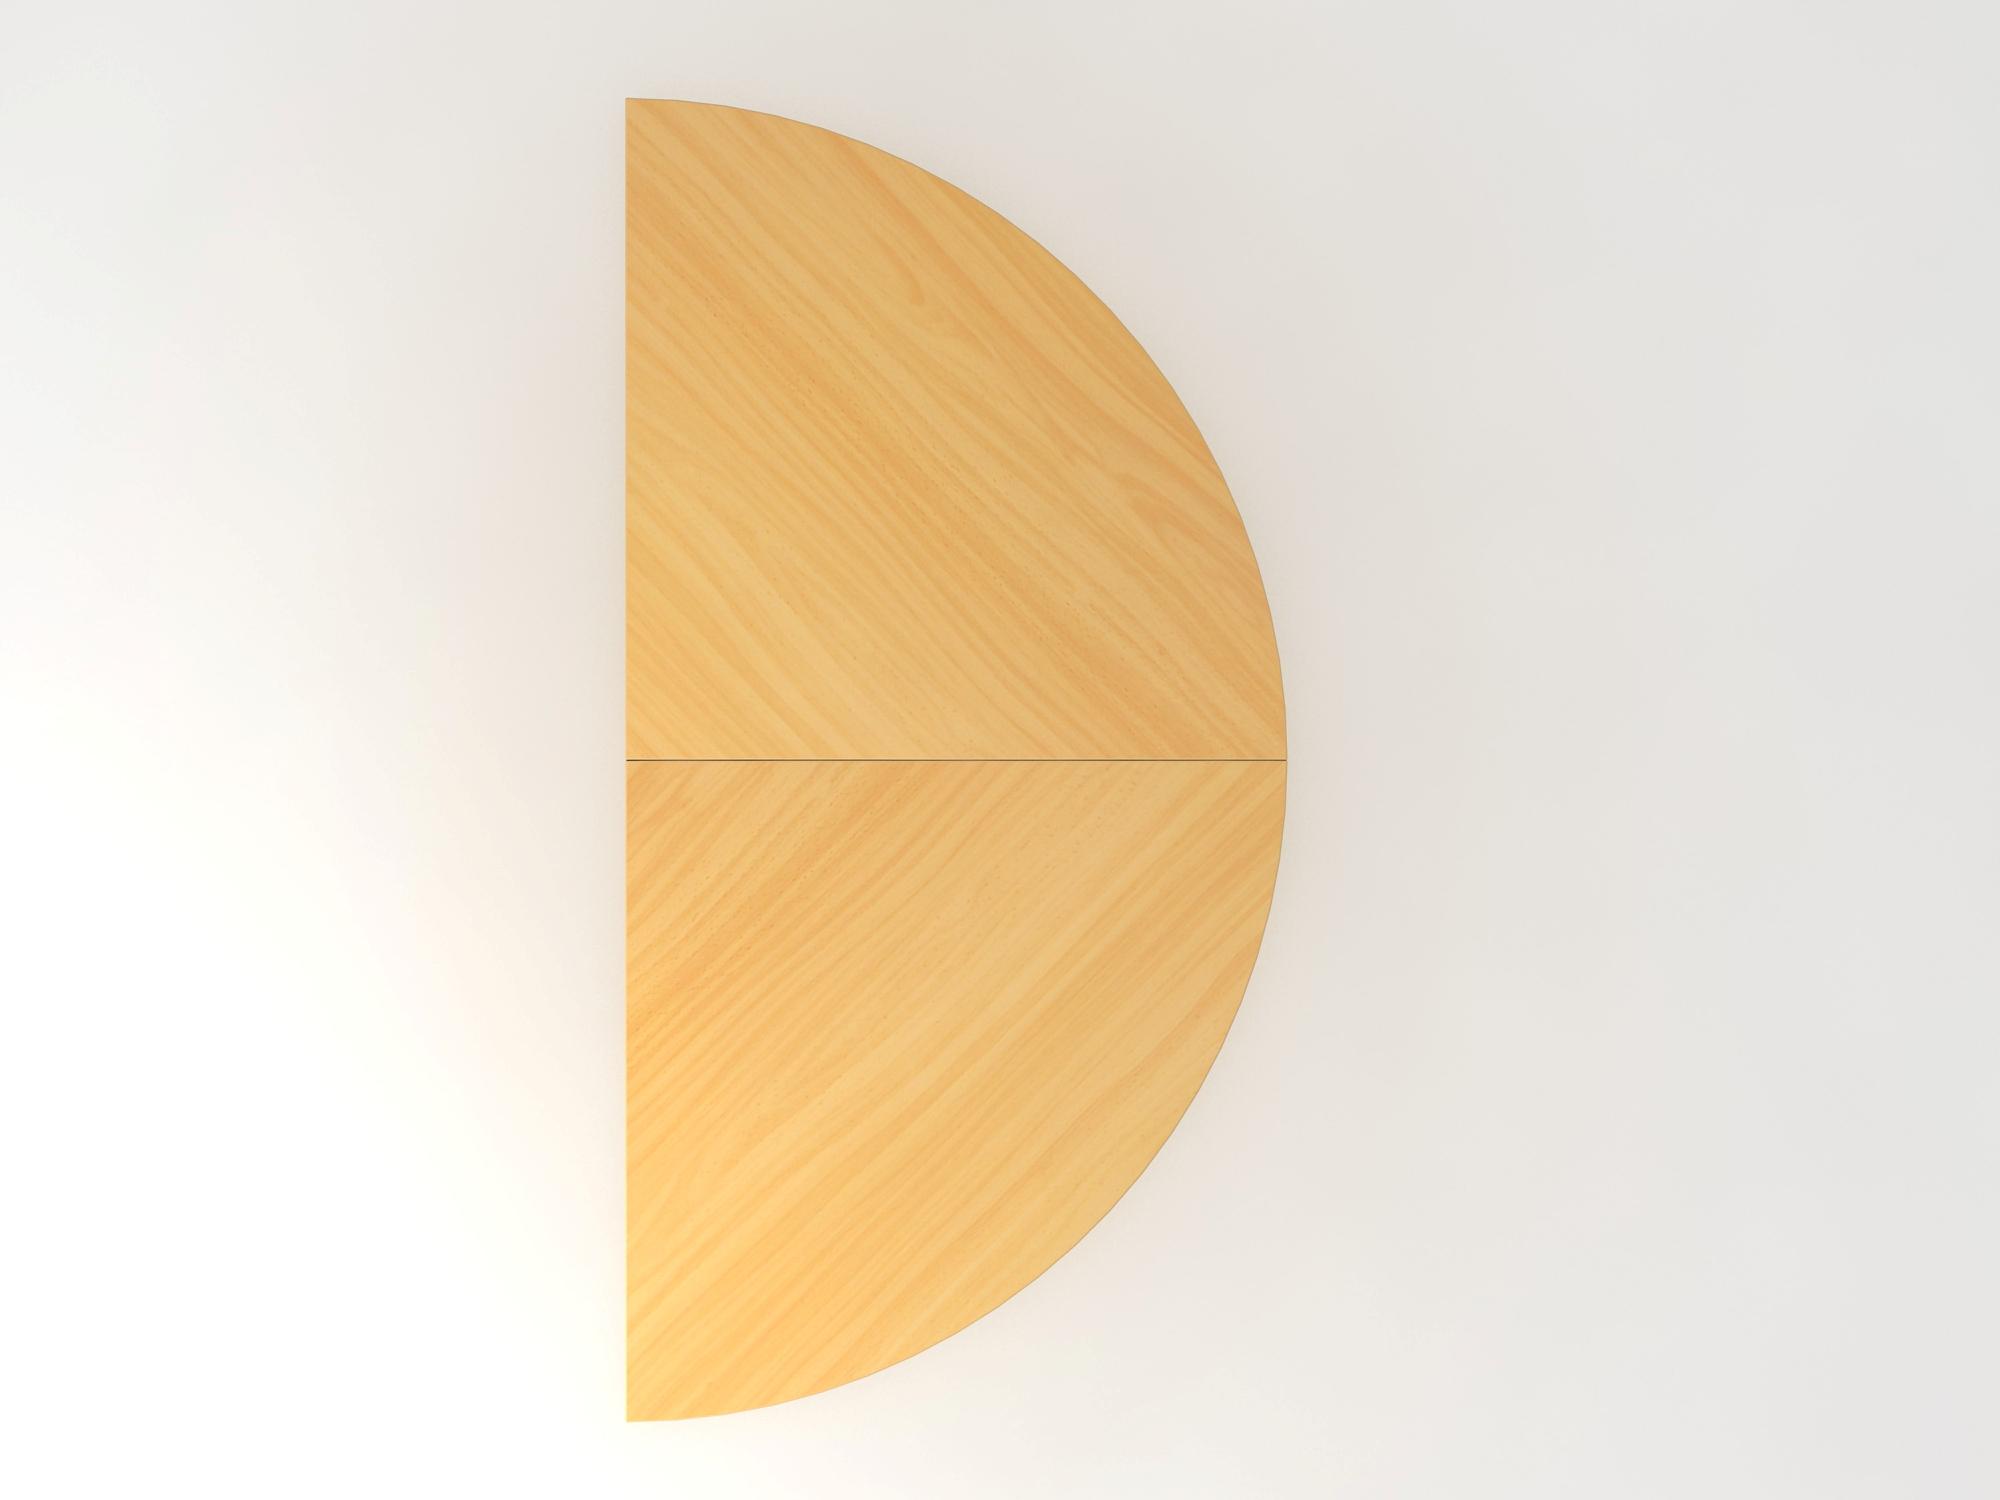 Anbautisch 2xViertelkreis/STF Buche/Silber